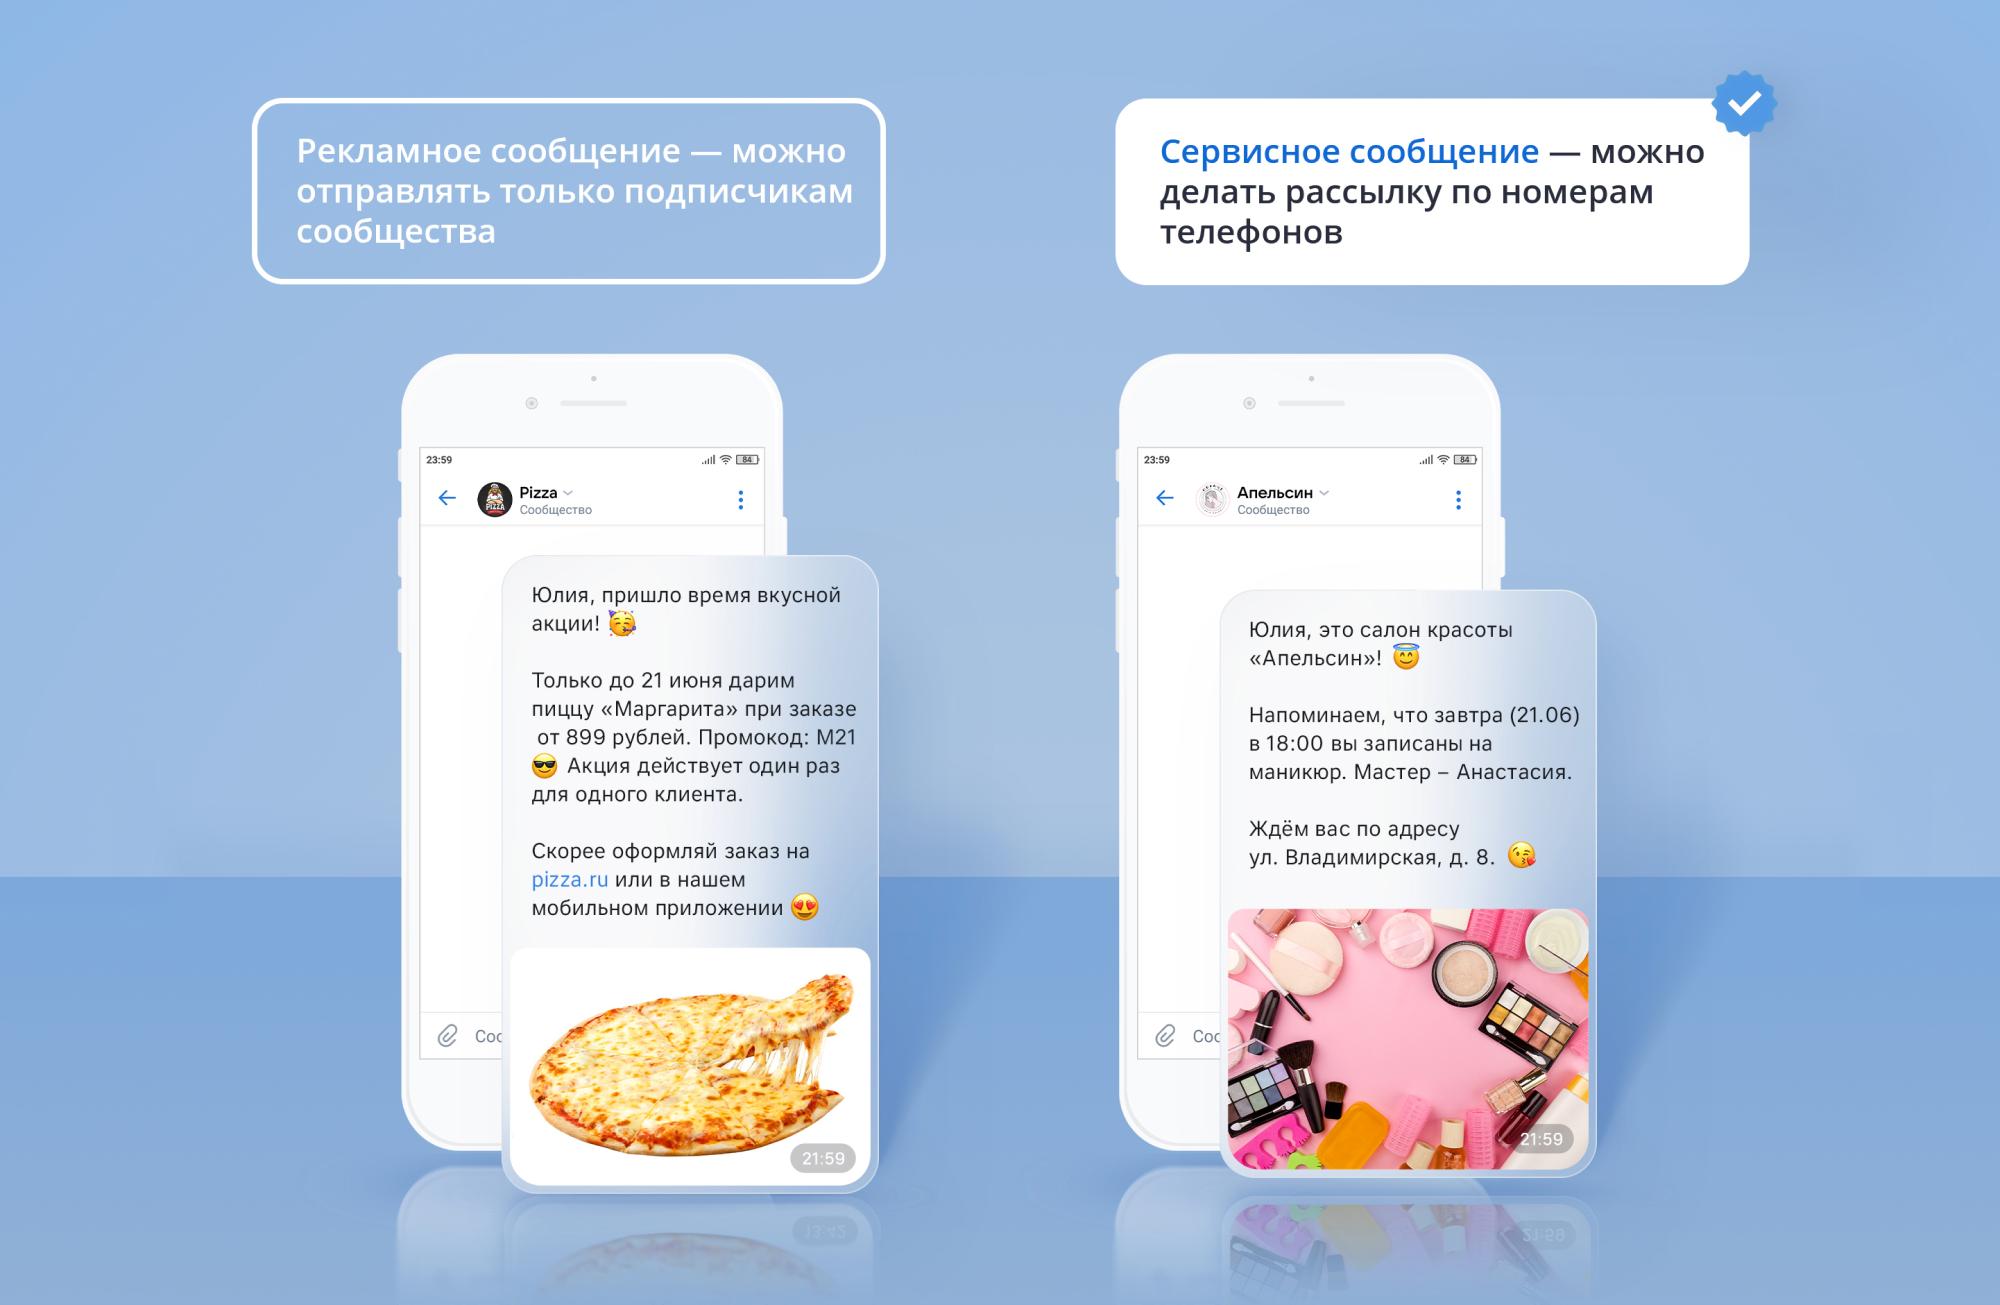 Отличие сервисной рассылки ВКонтакте от рекламной